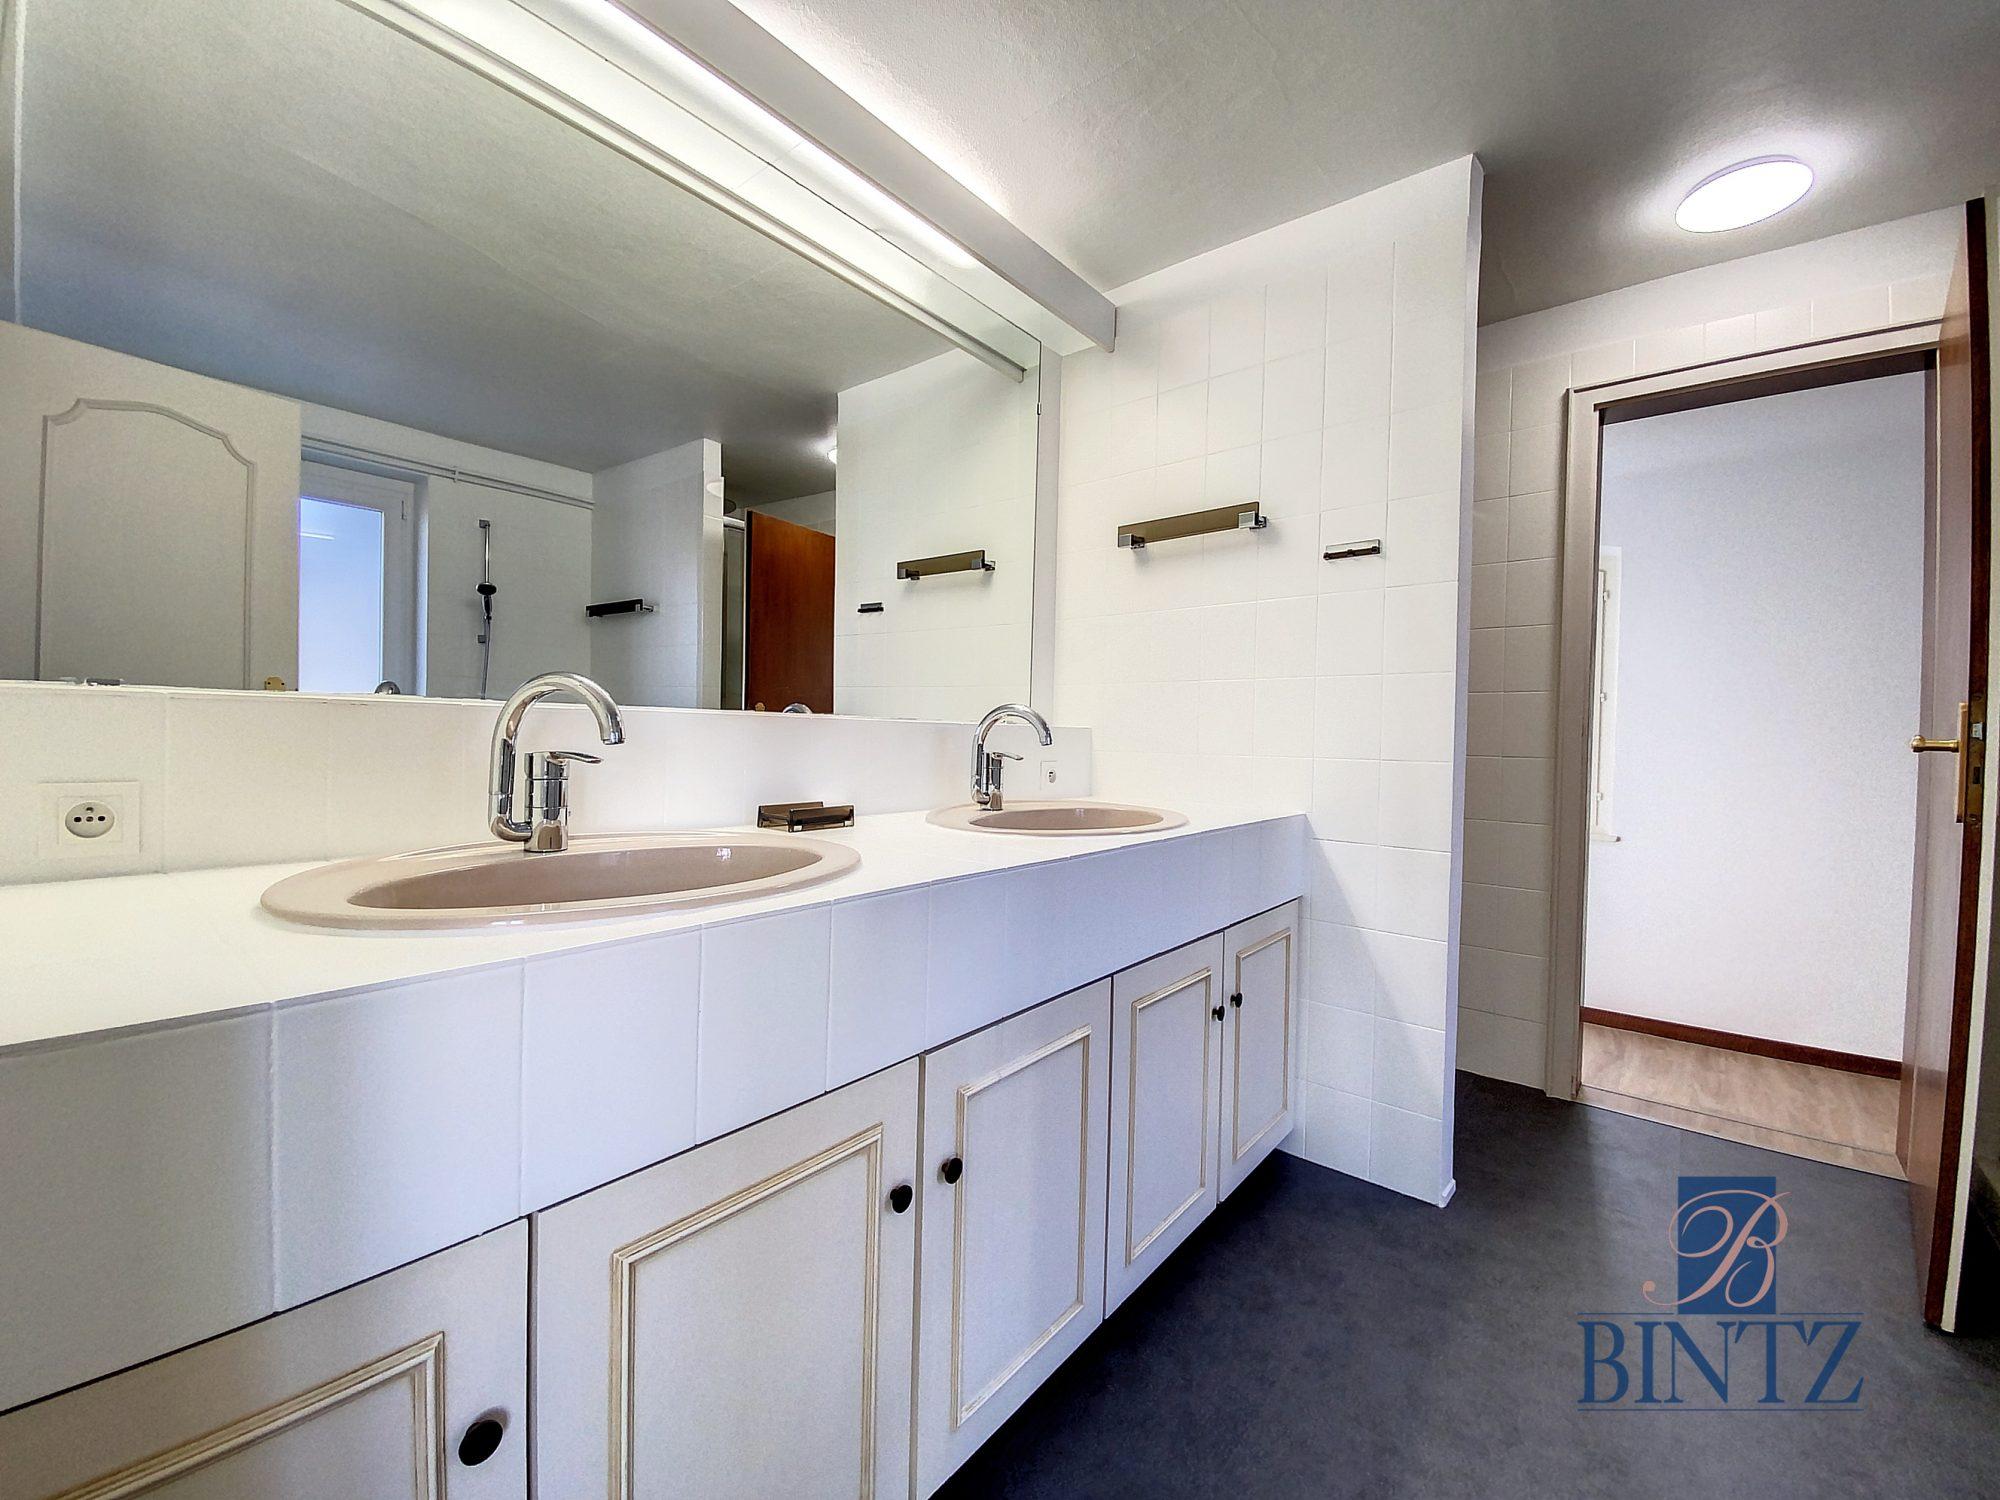 DUPLEX avec terrasse PLACE DE L'UNIVERSITÉ AVEC TERRASSE - Devenez locataire en toute sérénité - Bintz Immobilier - 19